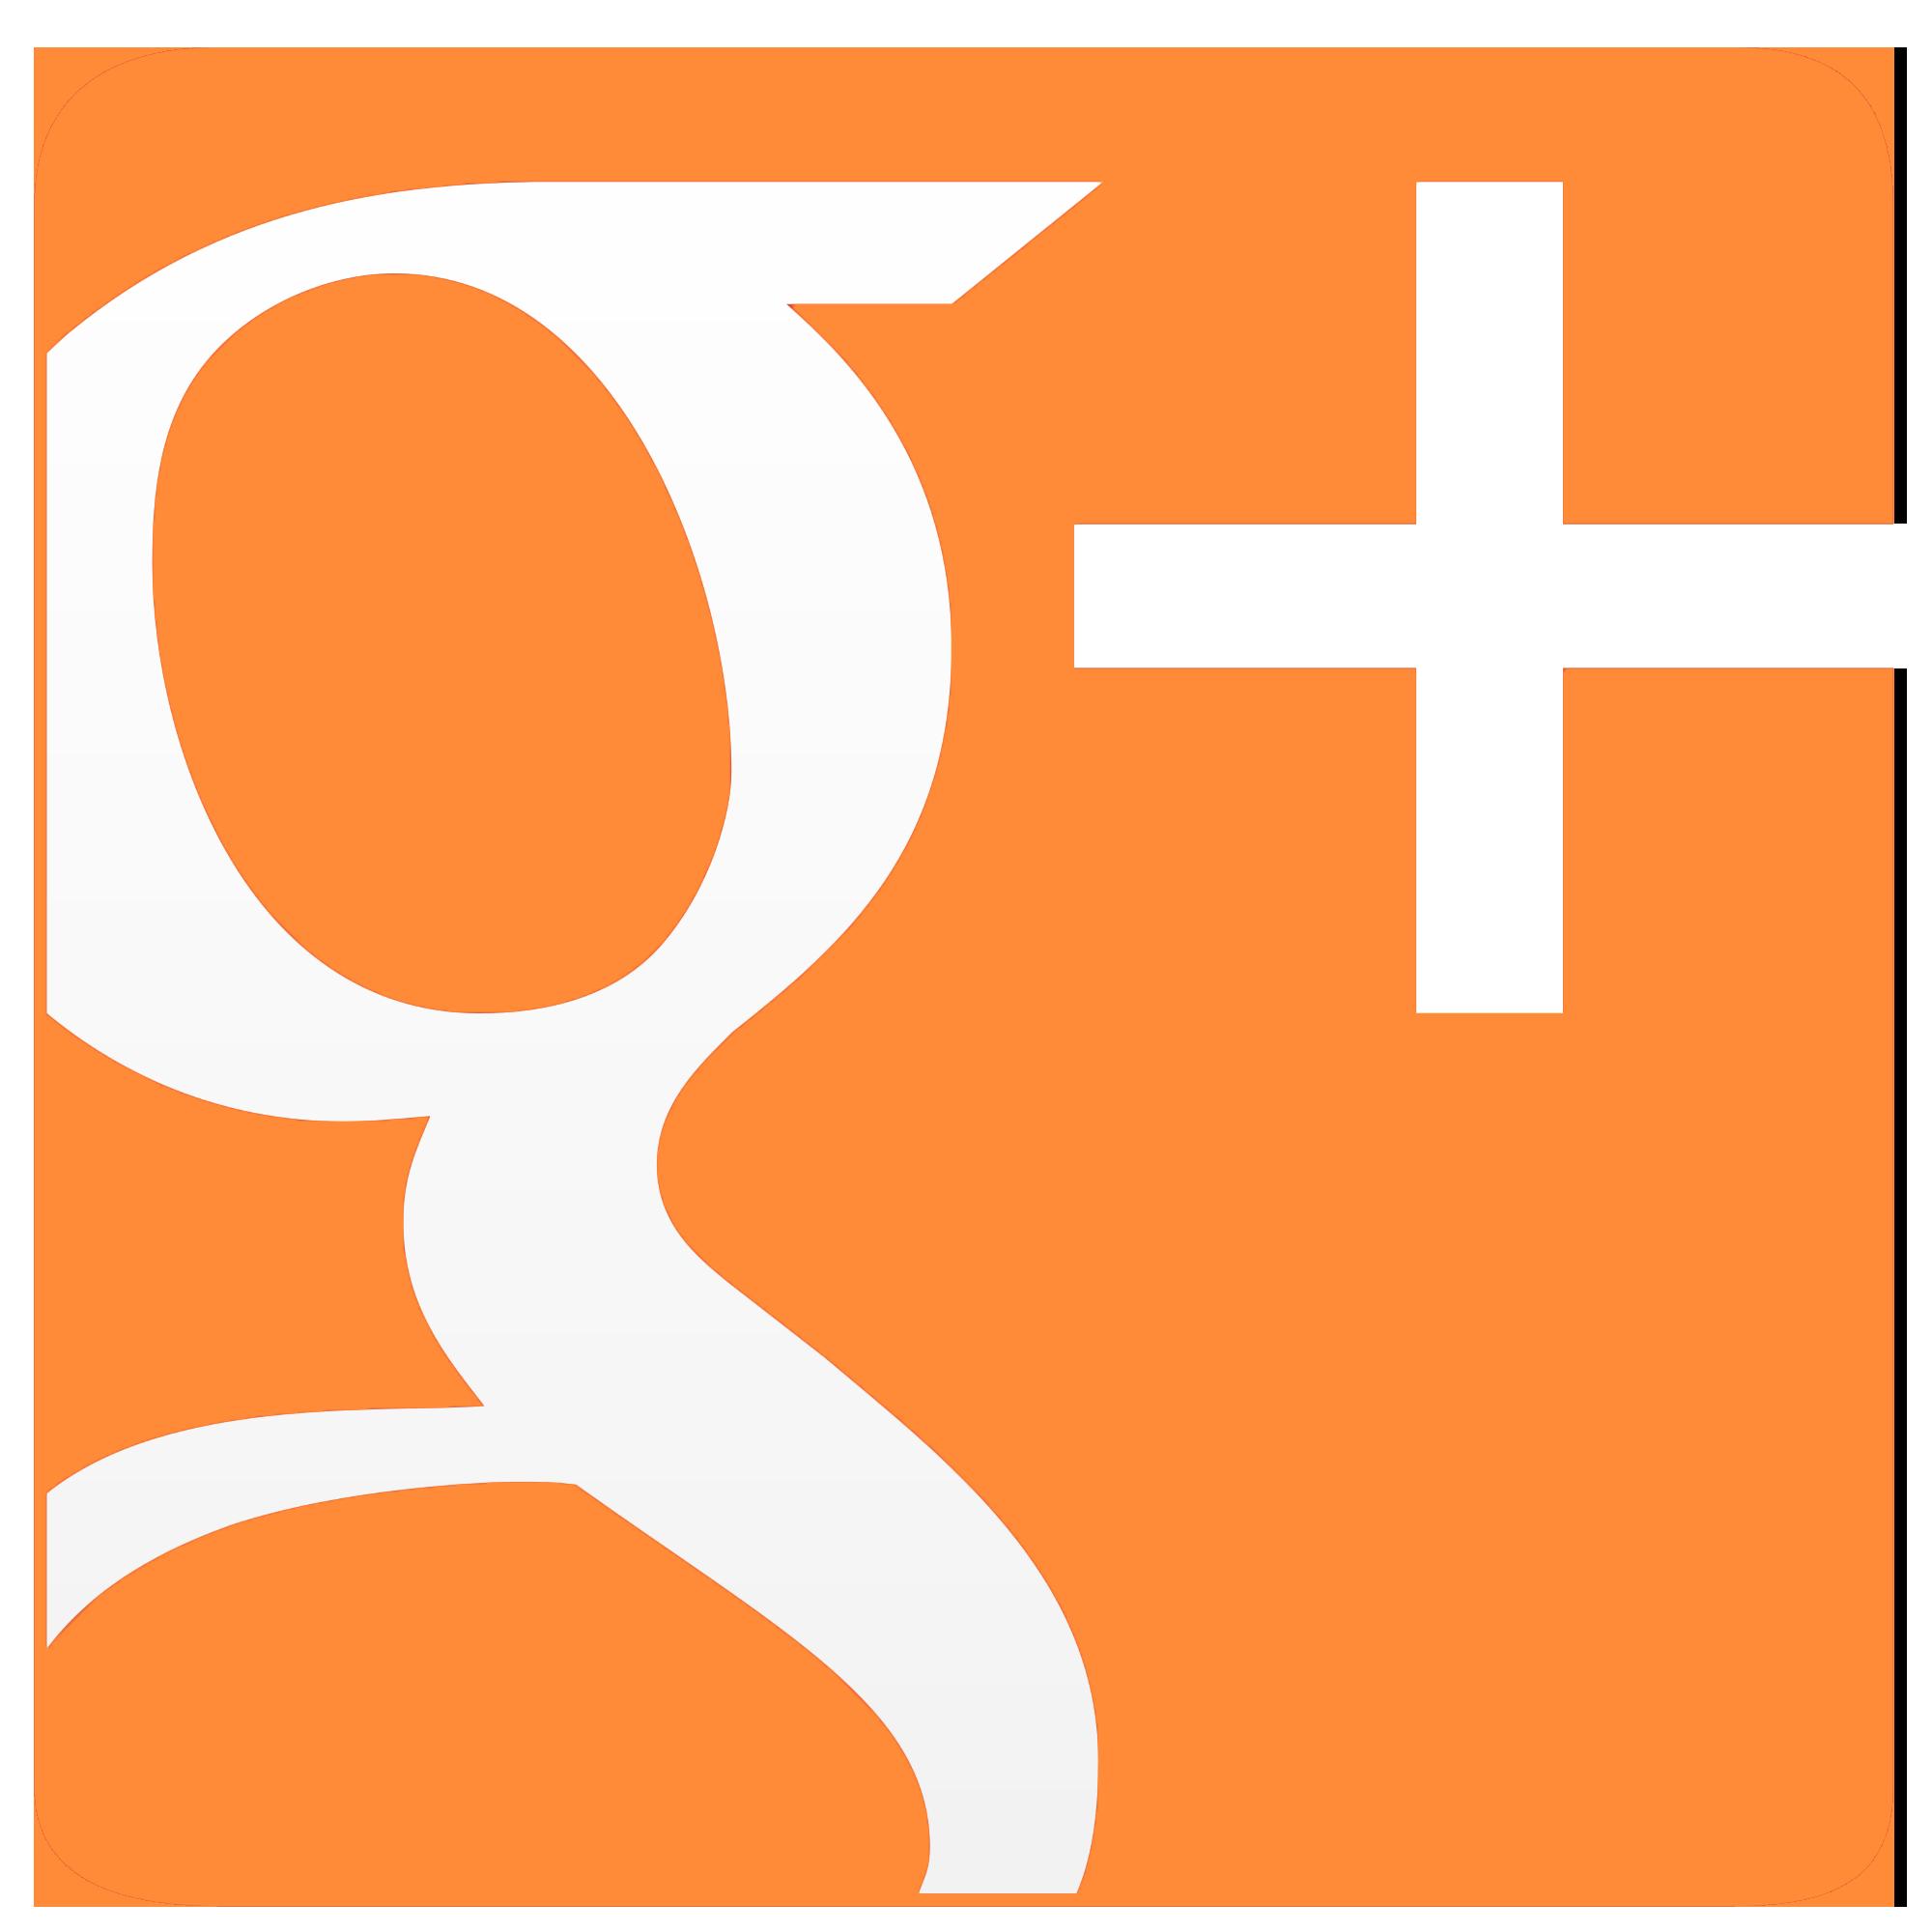 google plus douglas burdett